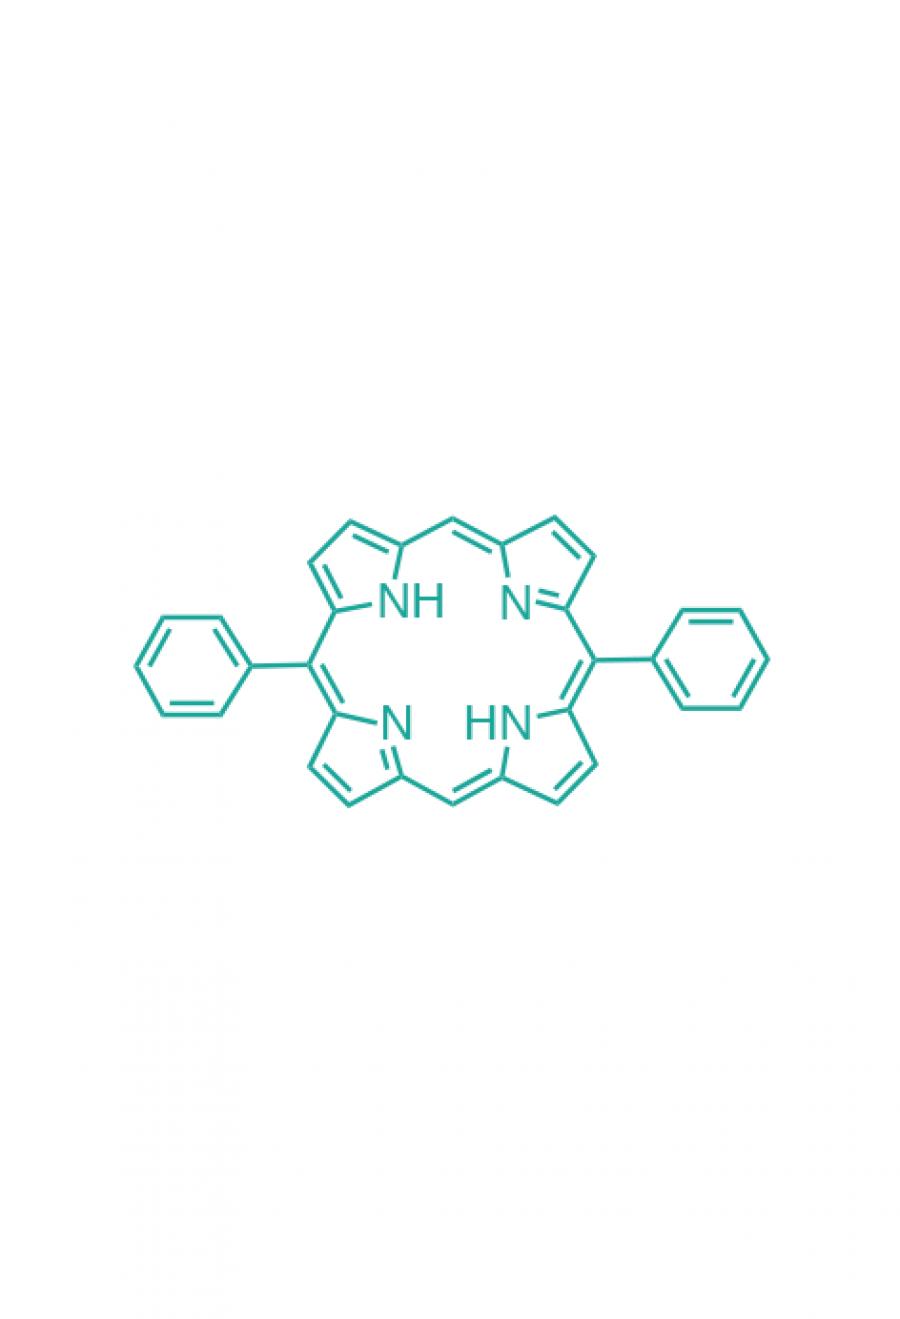 5,15-(diphenyl)porphyrin